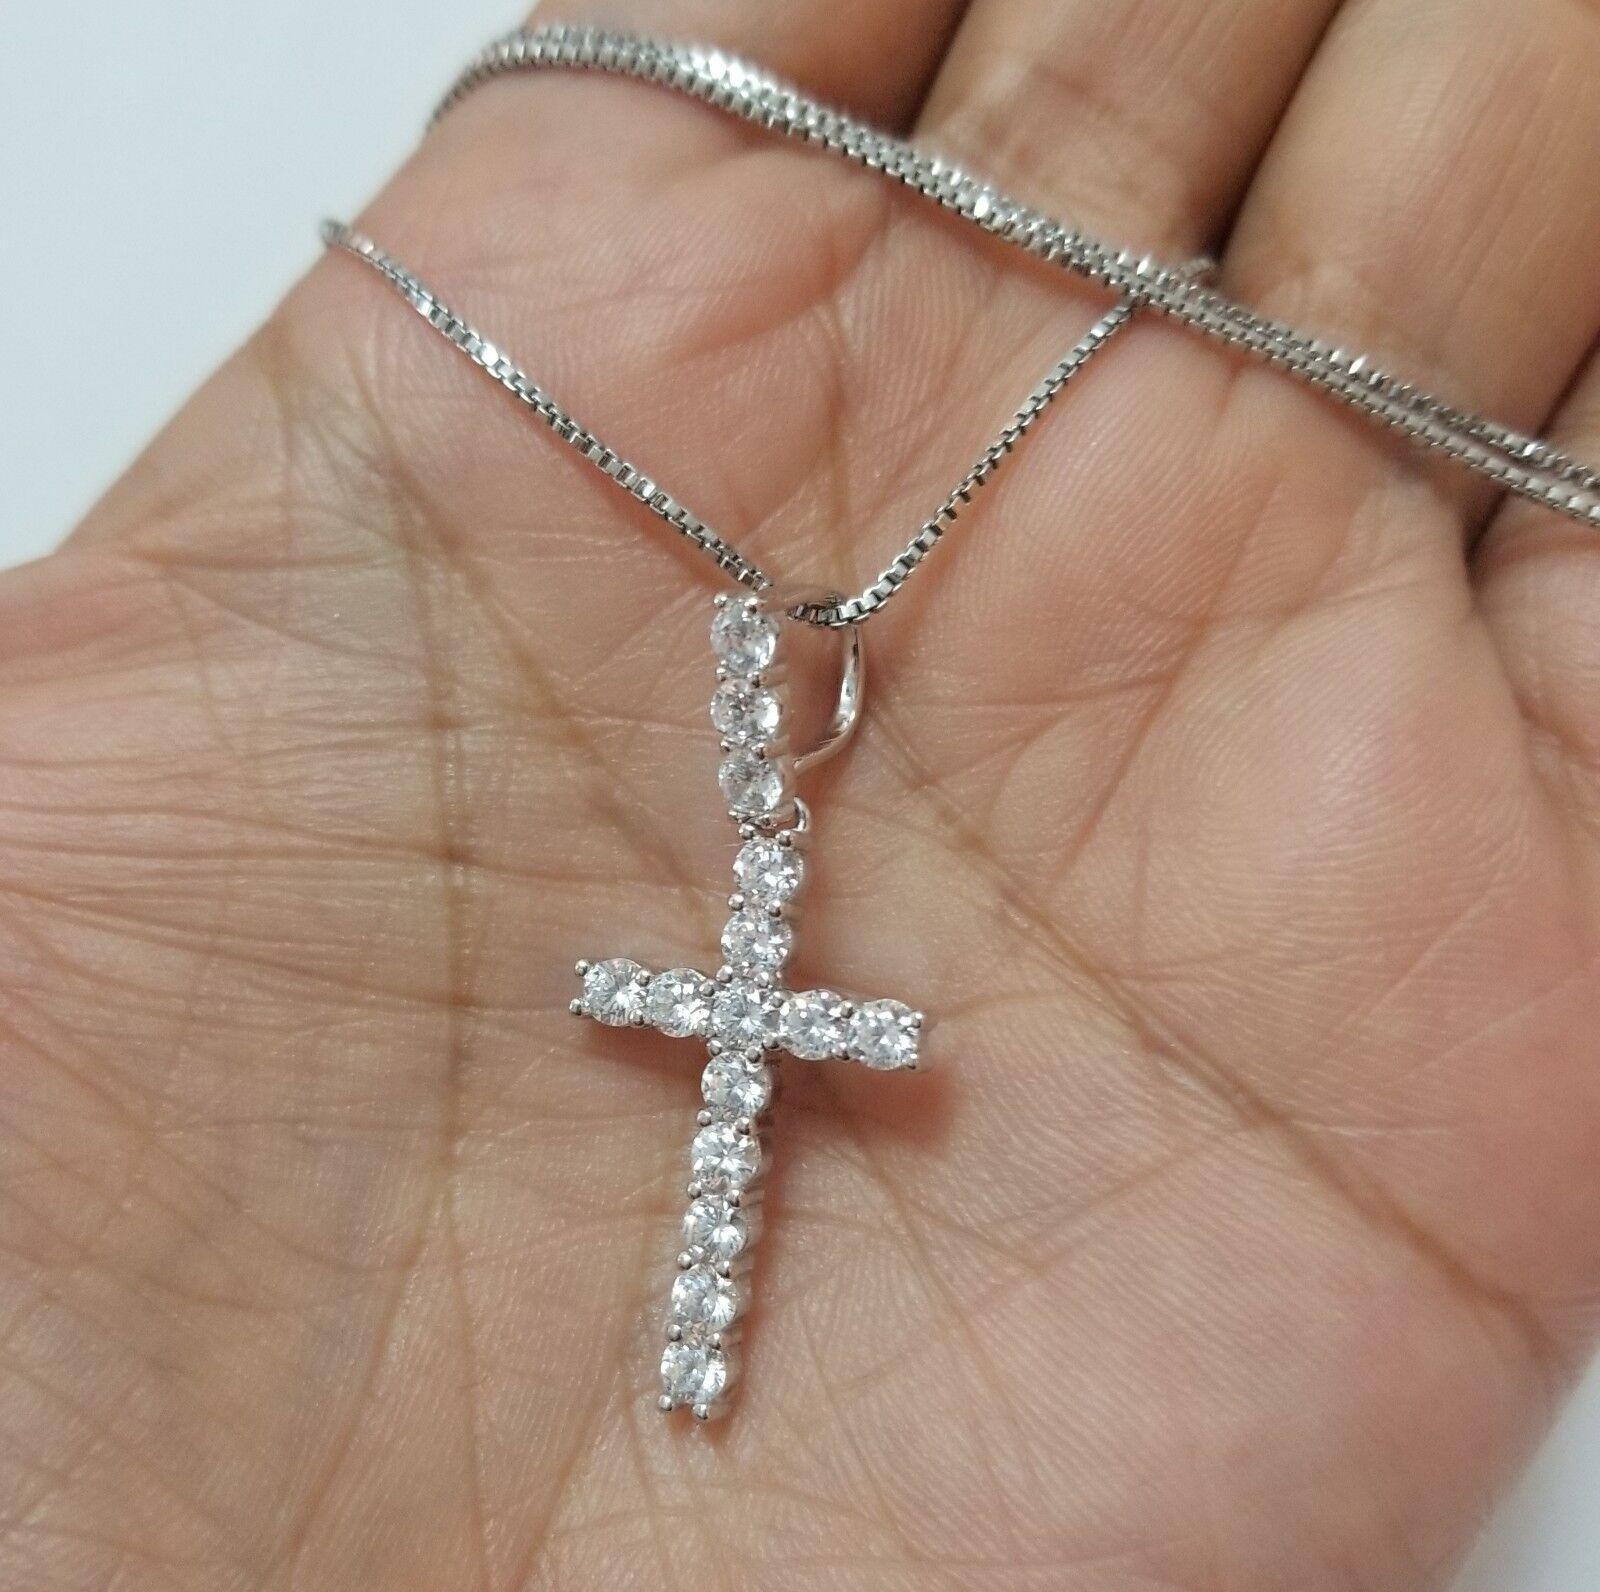 925 Sterling Silver Women Diamond Cross Pendant Necklace